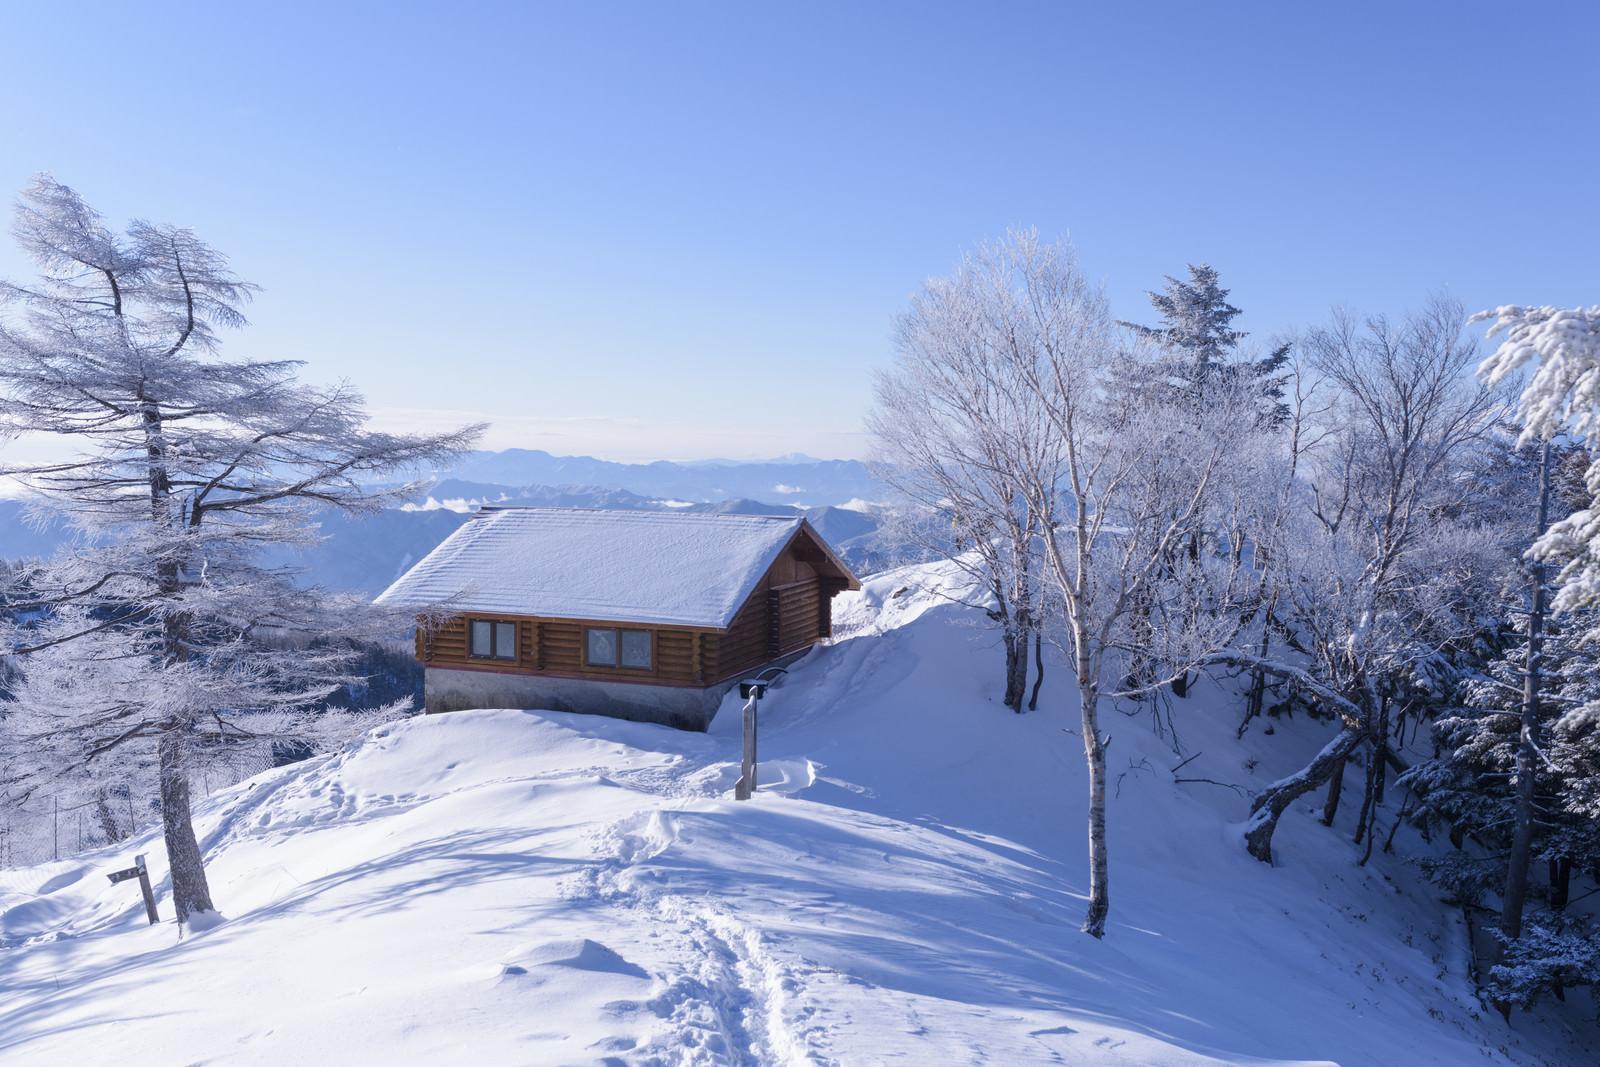 「雪に包まれた雲取山山頂と雲取山避難小屋」の写真